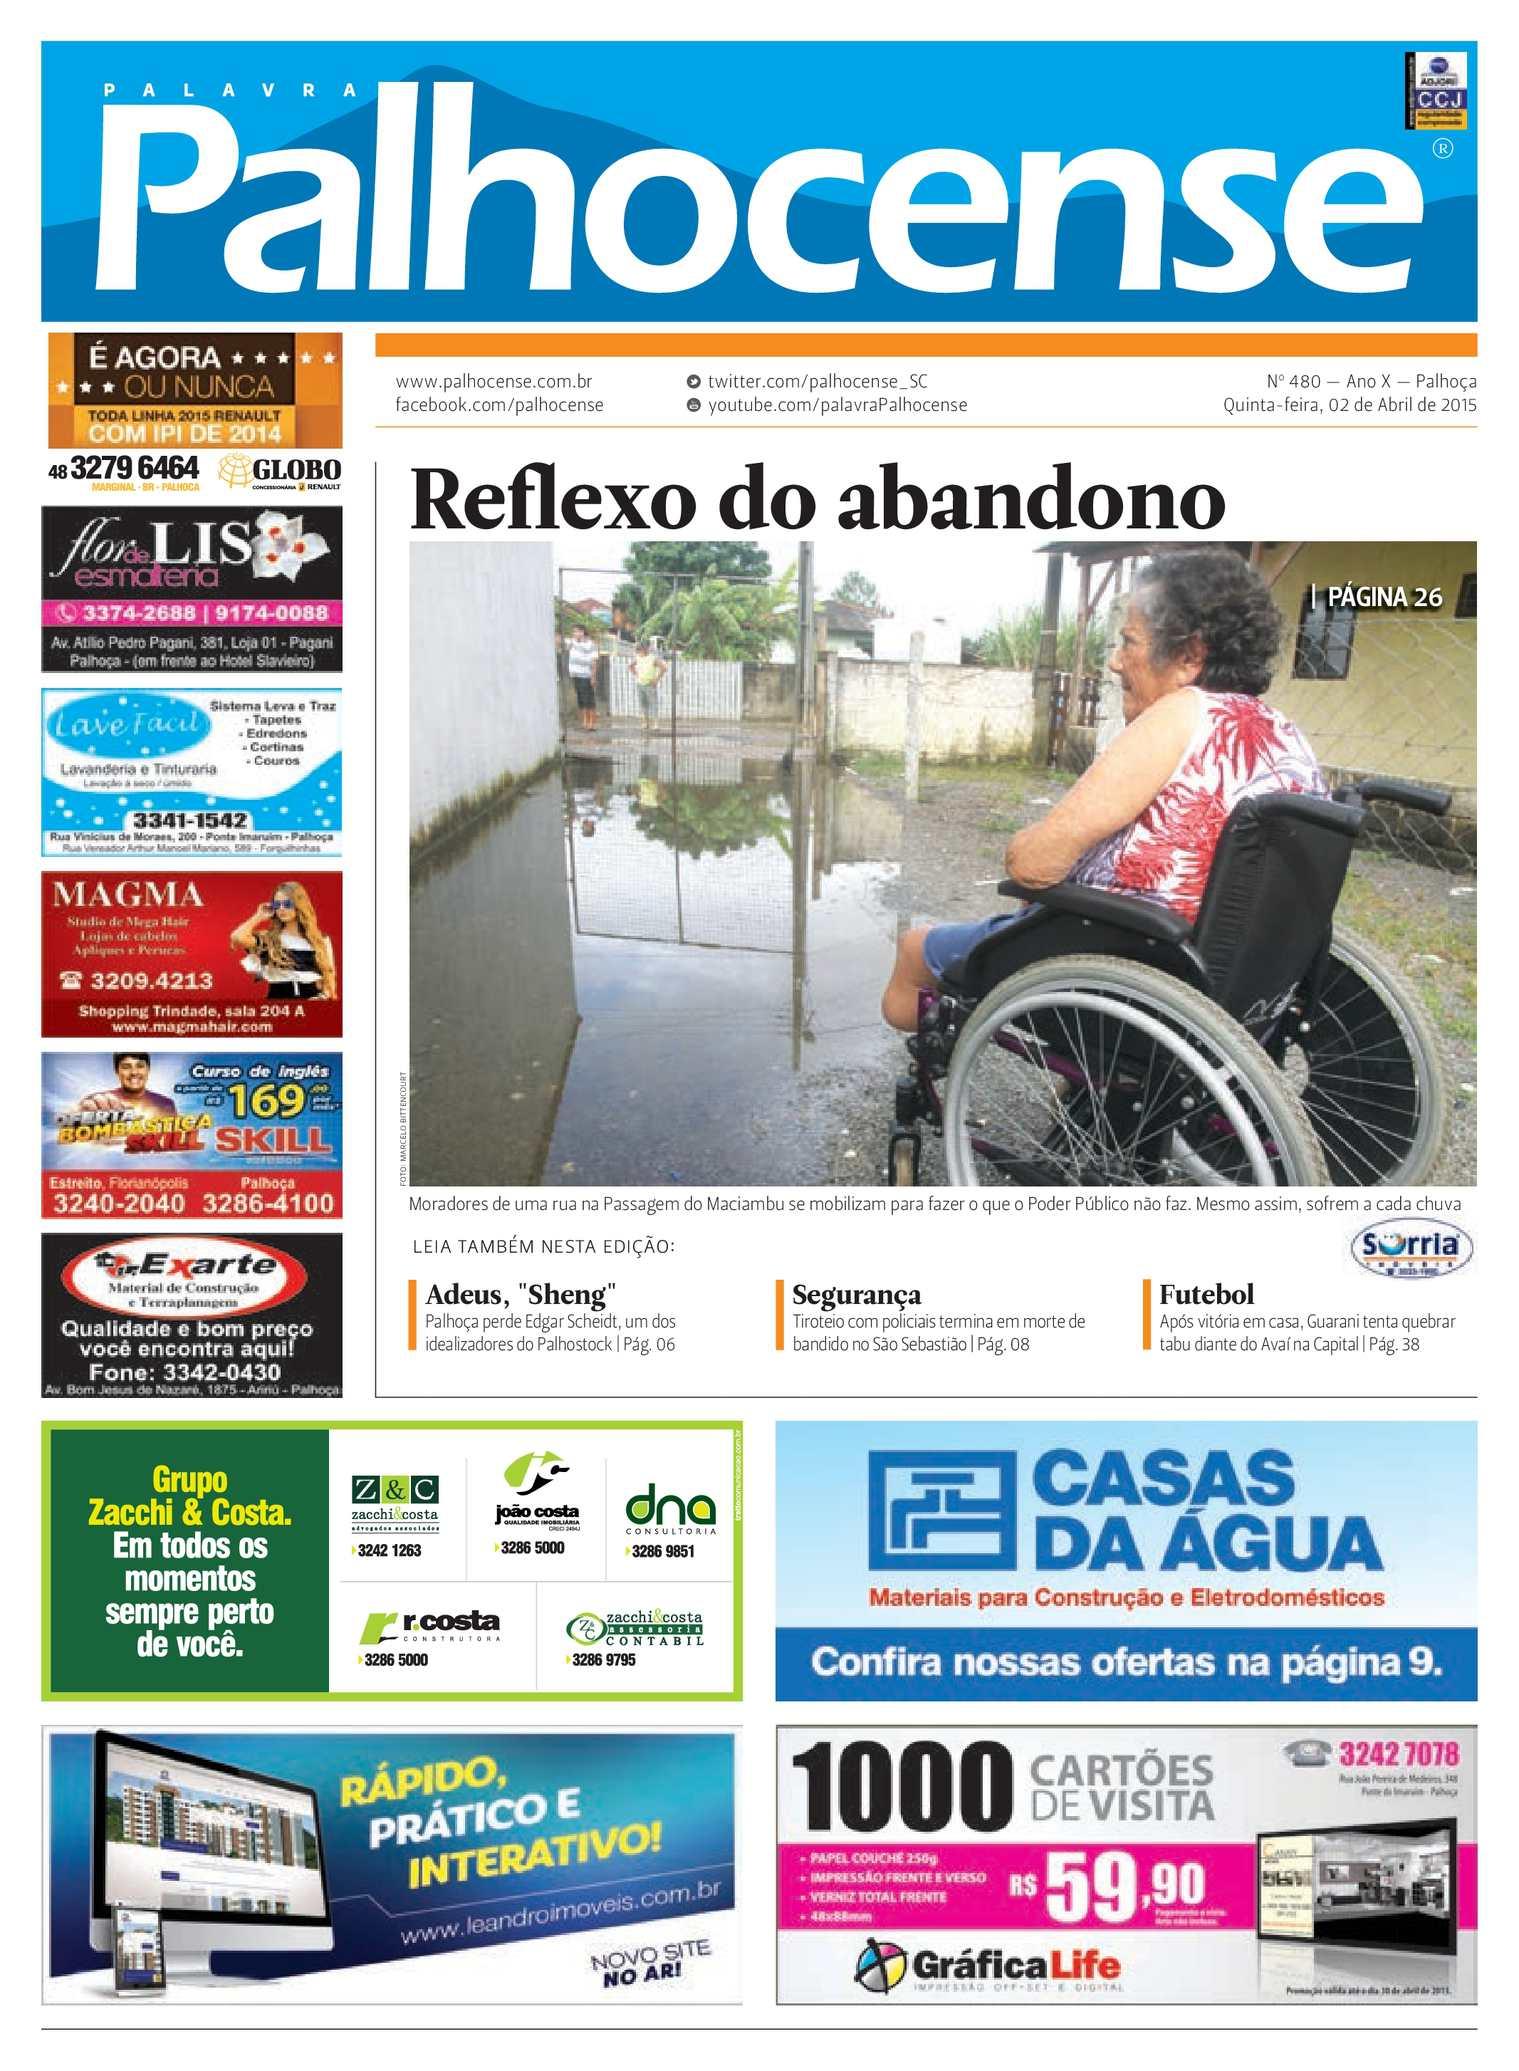 Calaméo - Jornal Palavra Palhocense - Edição 480 88c06d526bdb3